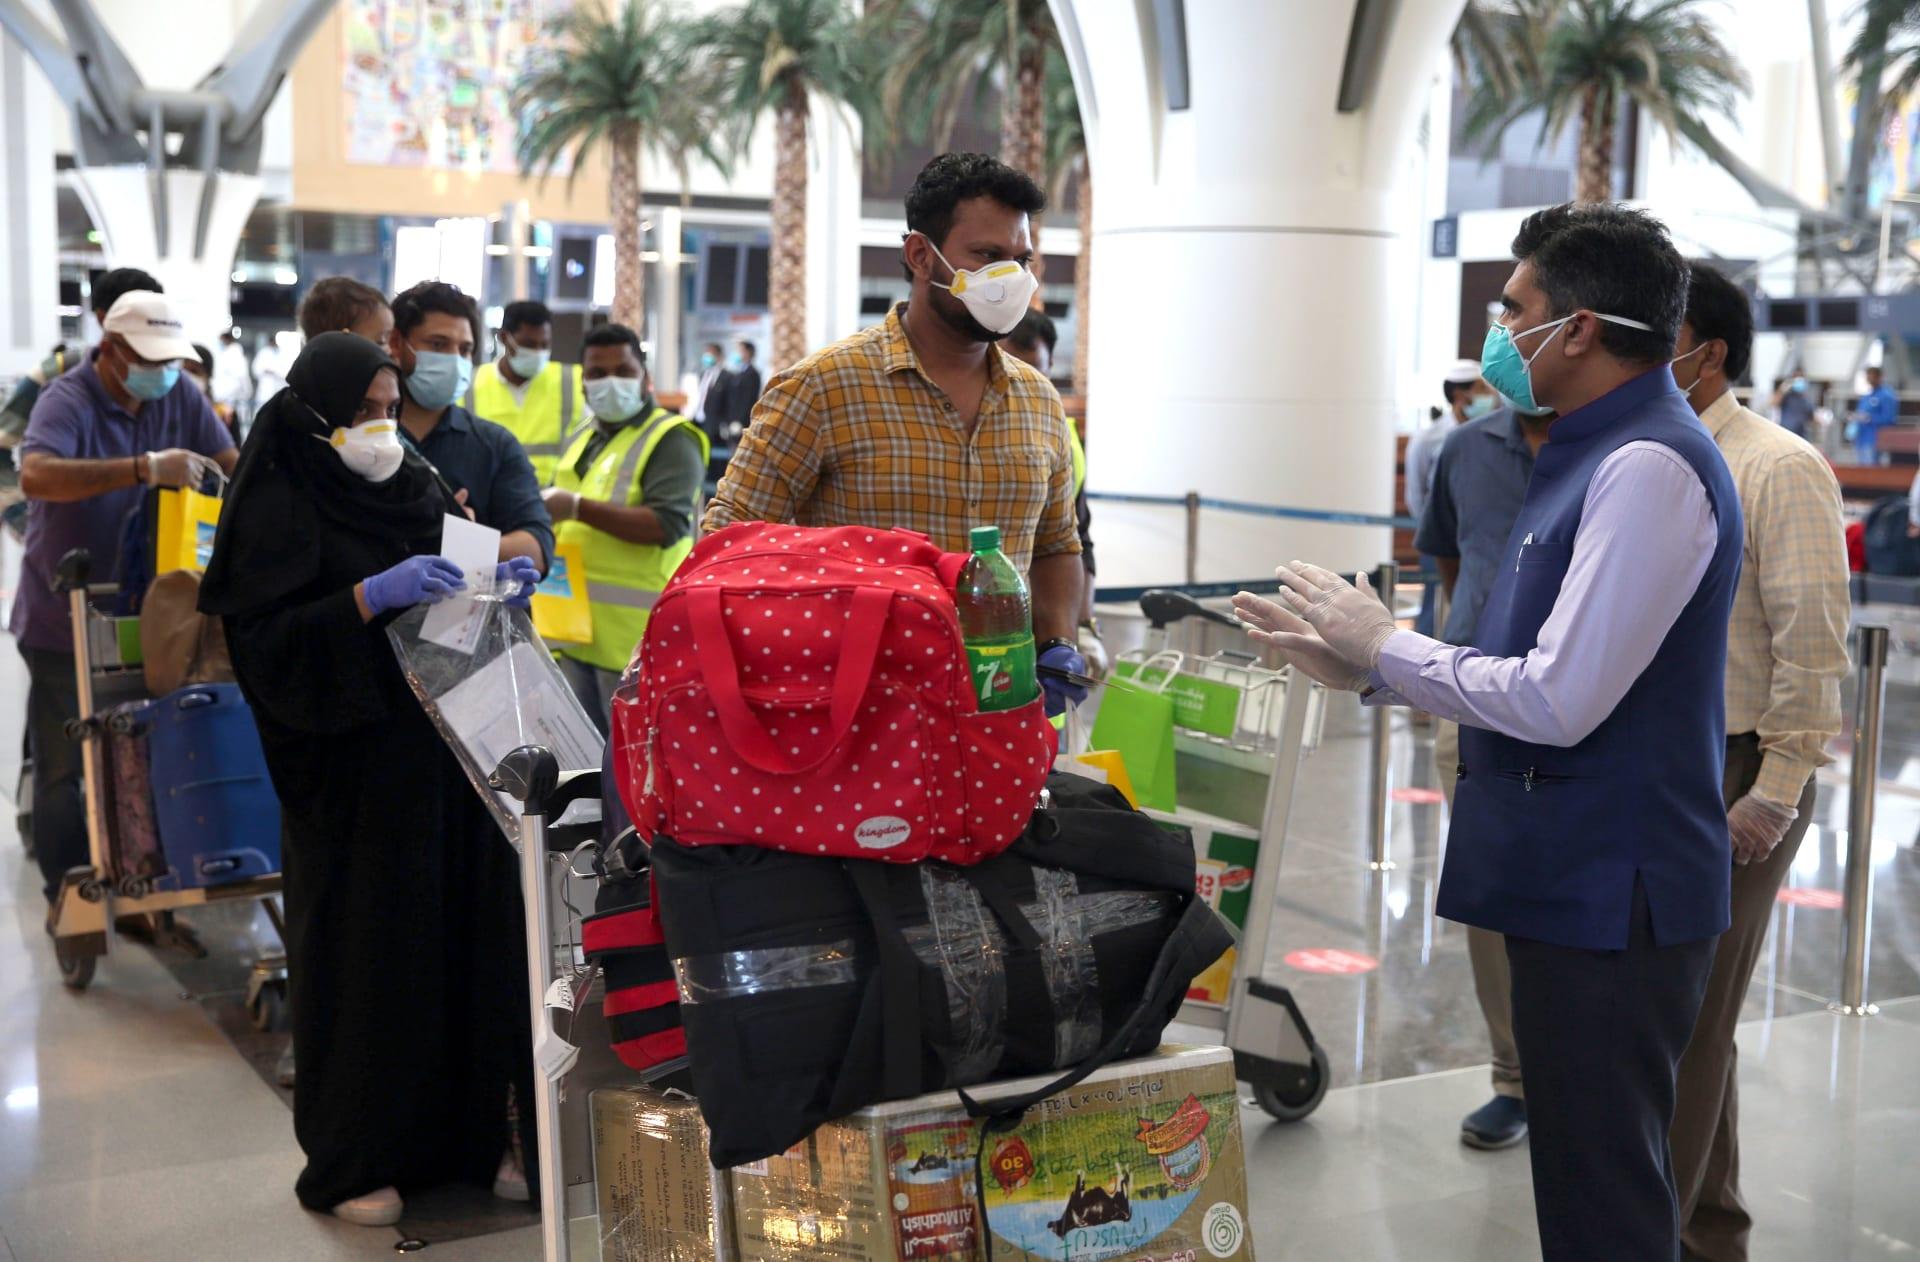 سلطنة عُمان تمنع الحركة بين المحافظات لمدة أسبوعين إثر ارتفاع إصابات كورونا